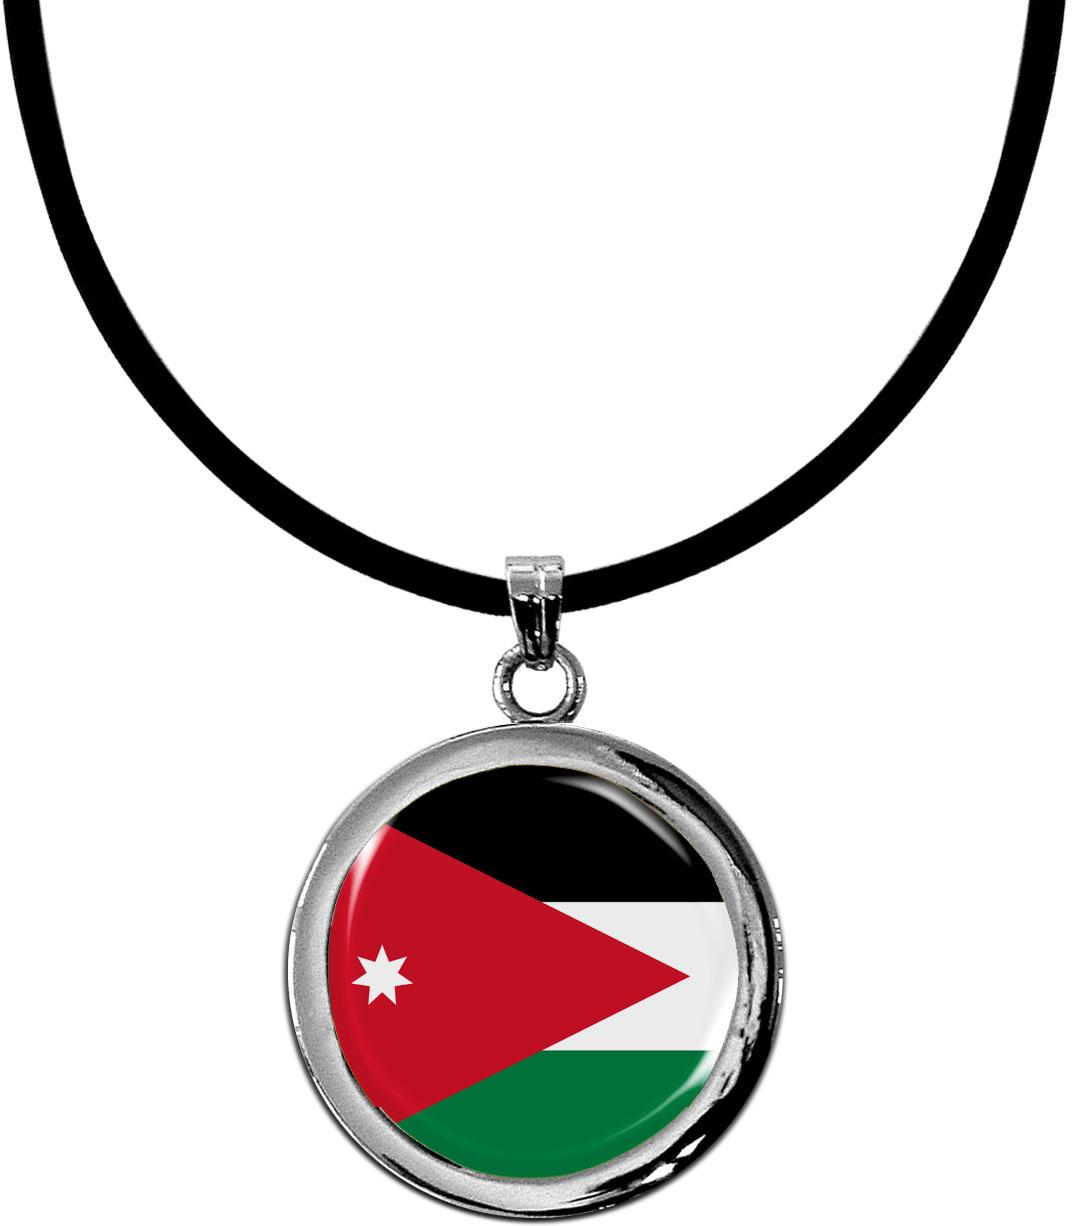 Kettenanhänger / Jordanien / Silikonband mit Silberverschluss